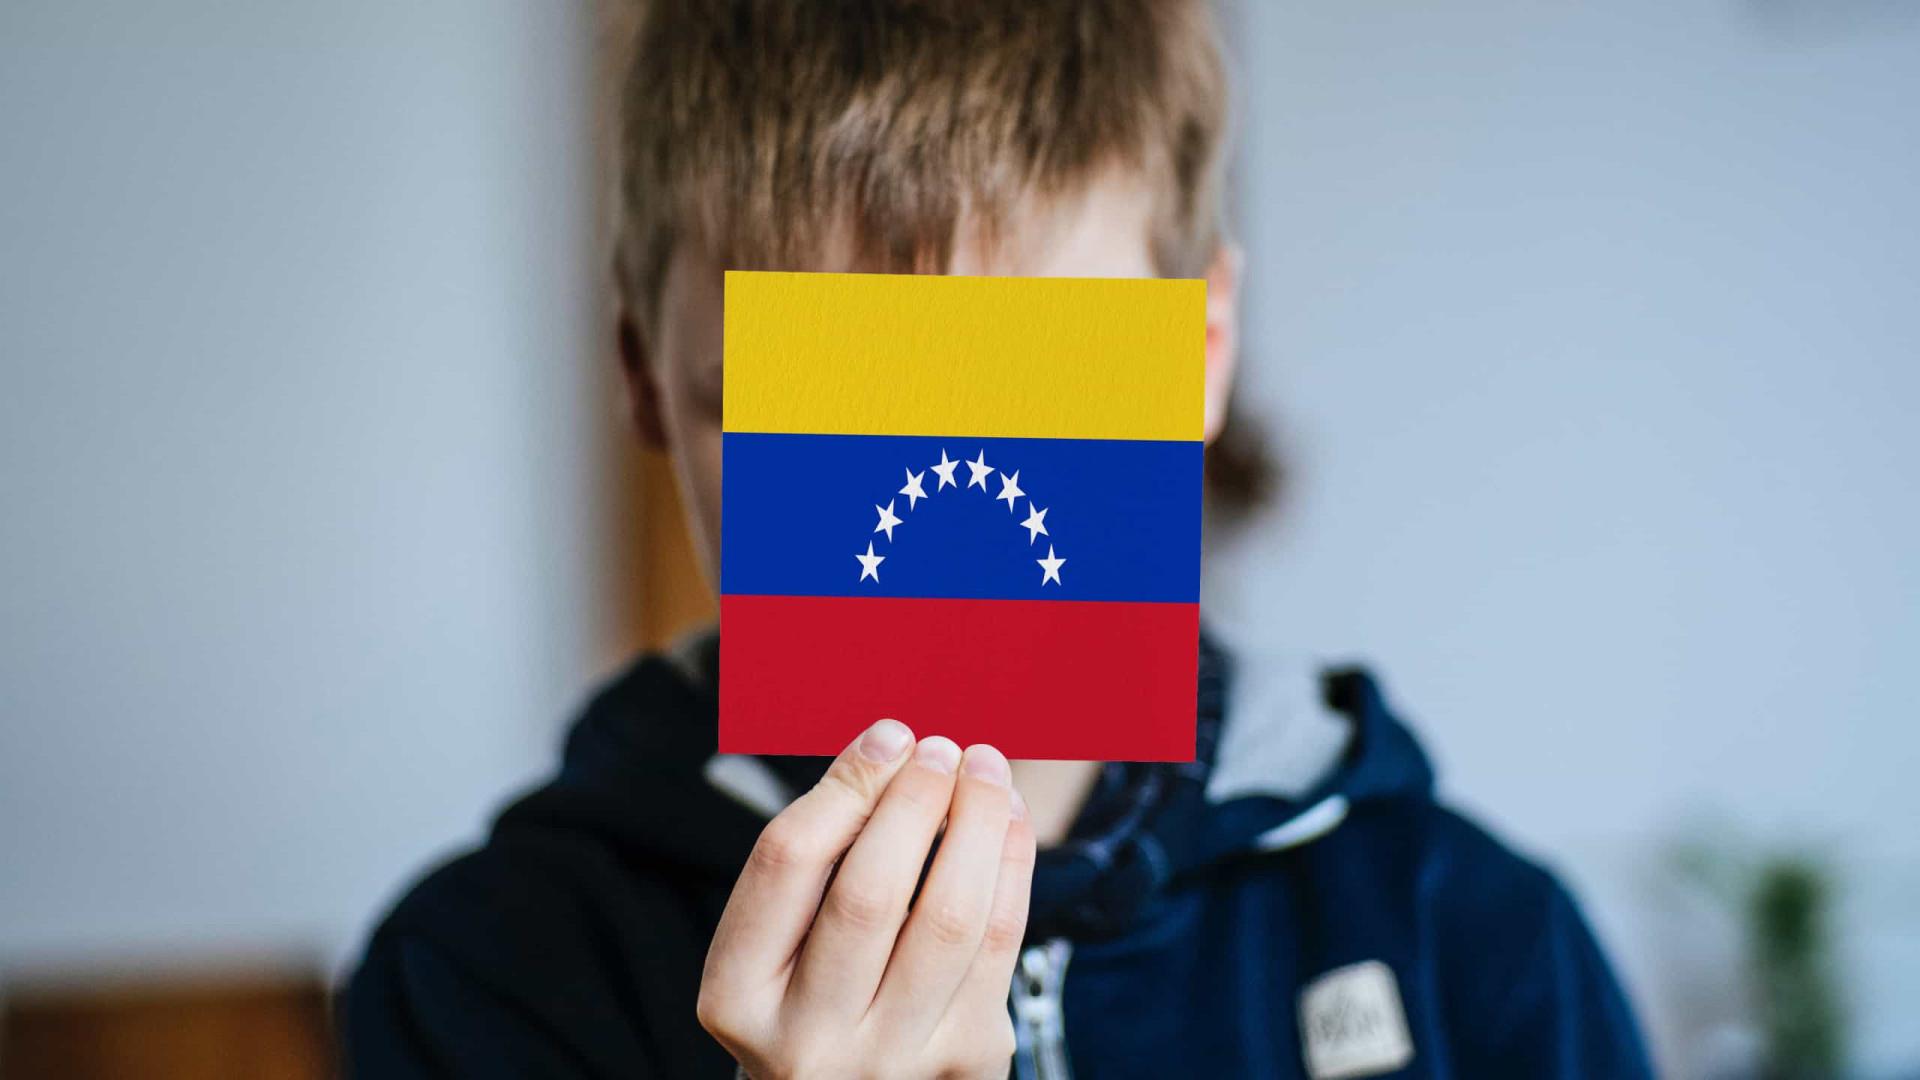 Partidos de oposição a Maduro anunciam boicote às eleições na Venezuela